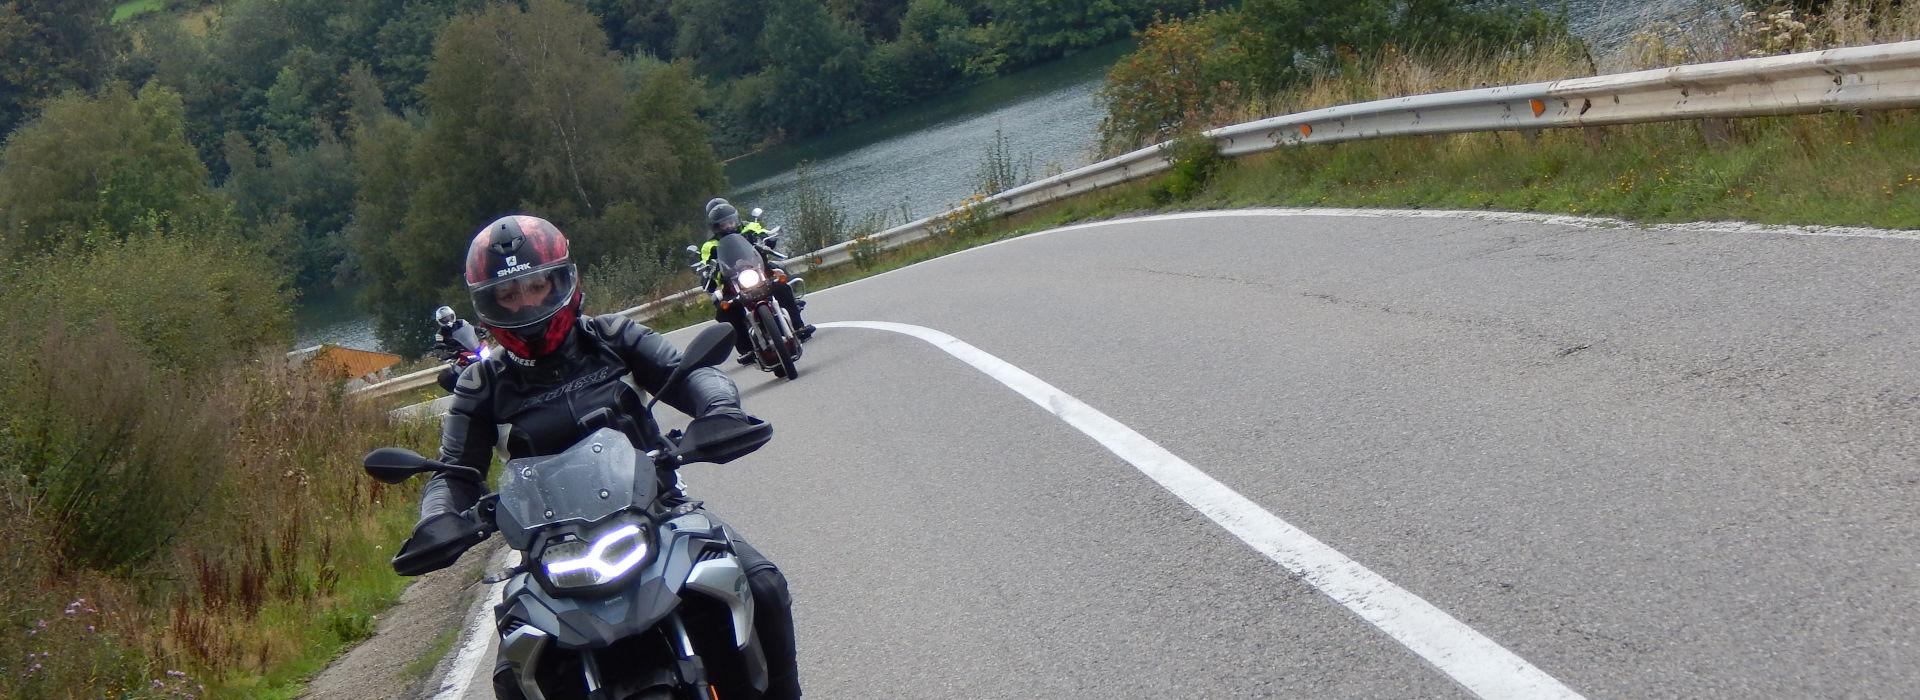 Motorrijbewijspoint Klimmen snel motorrijbewijs halen